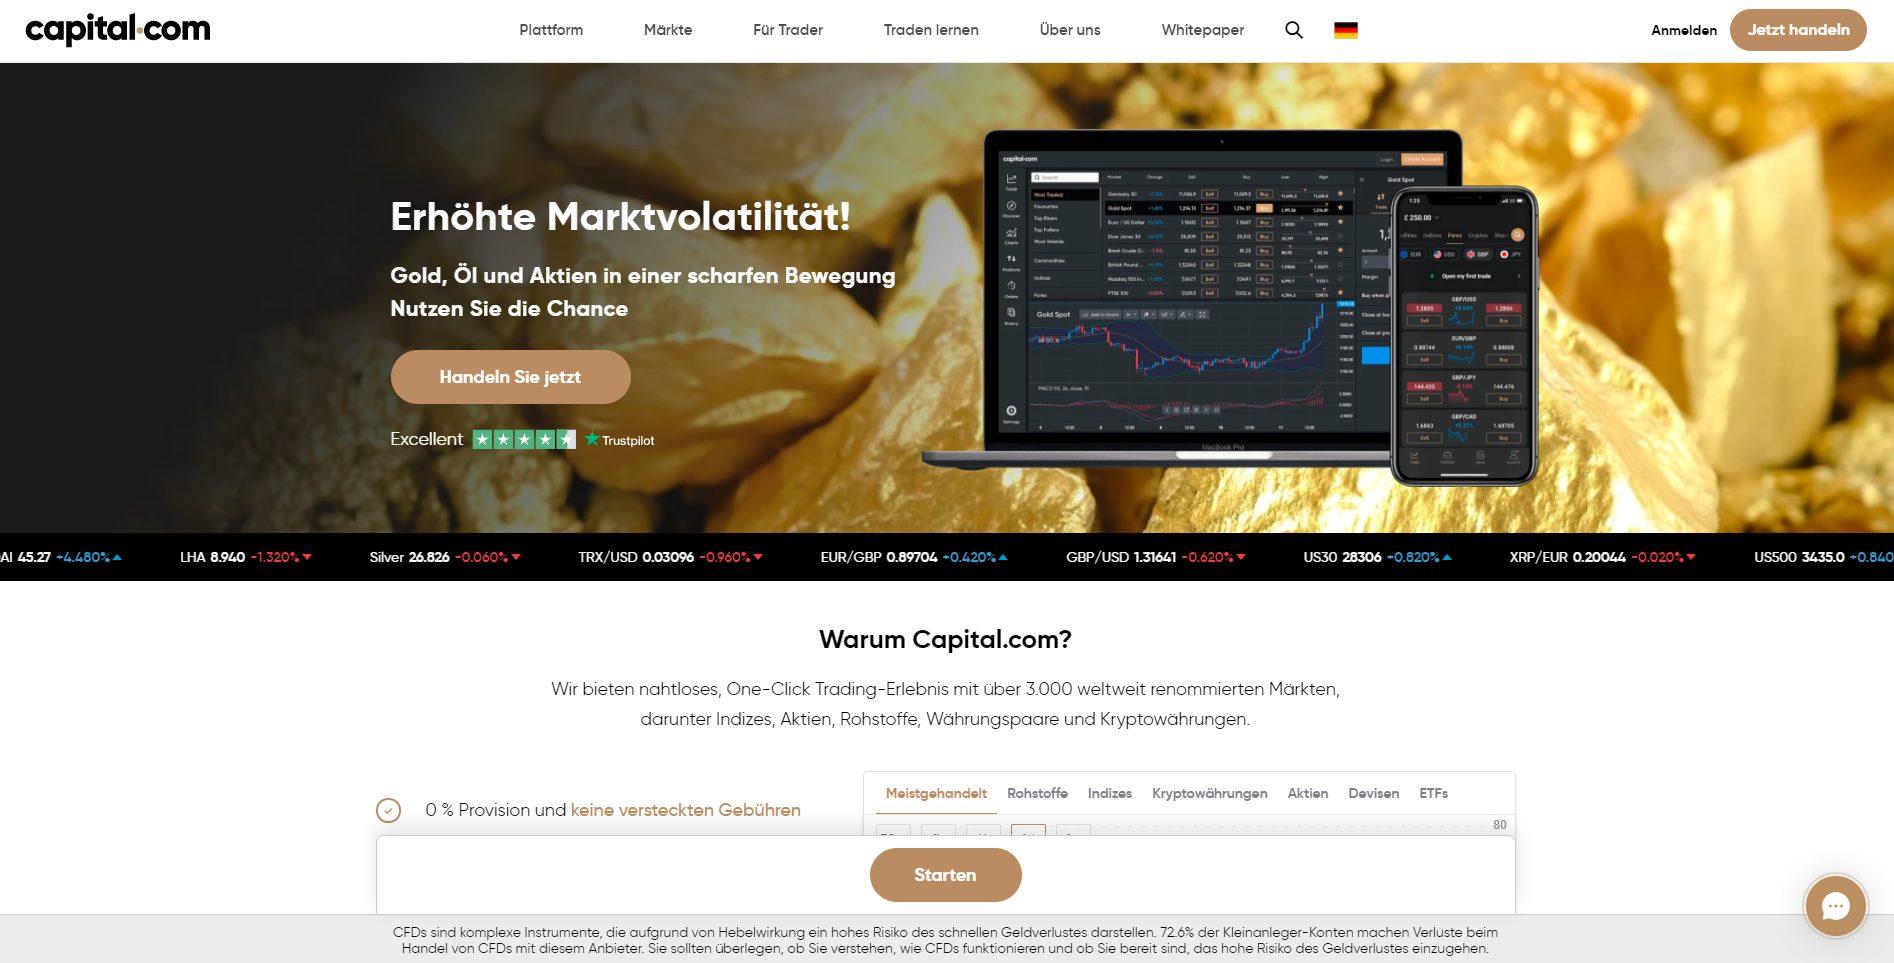 Capital.com Webseite